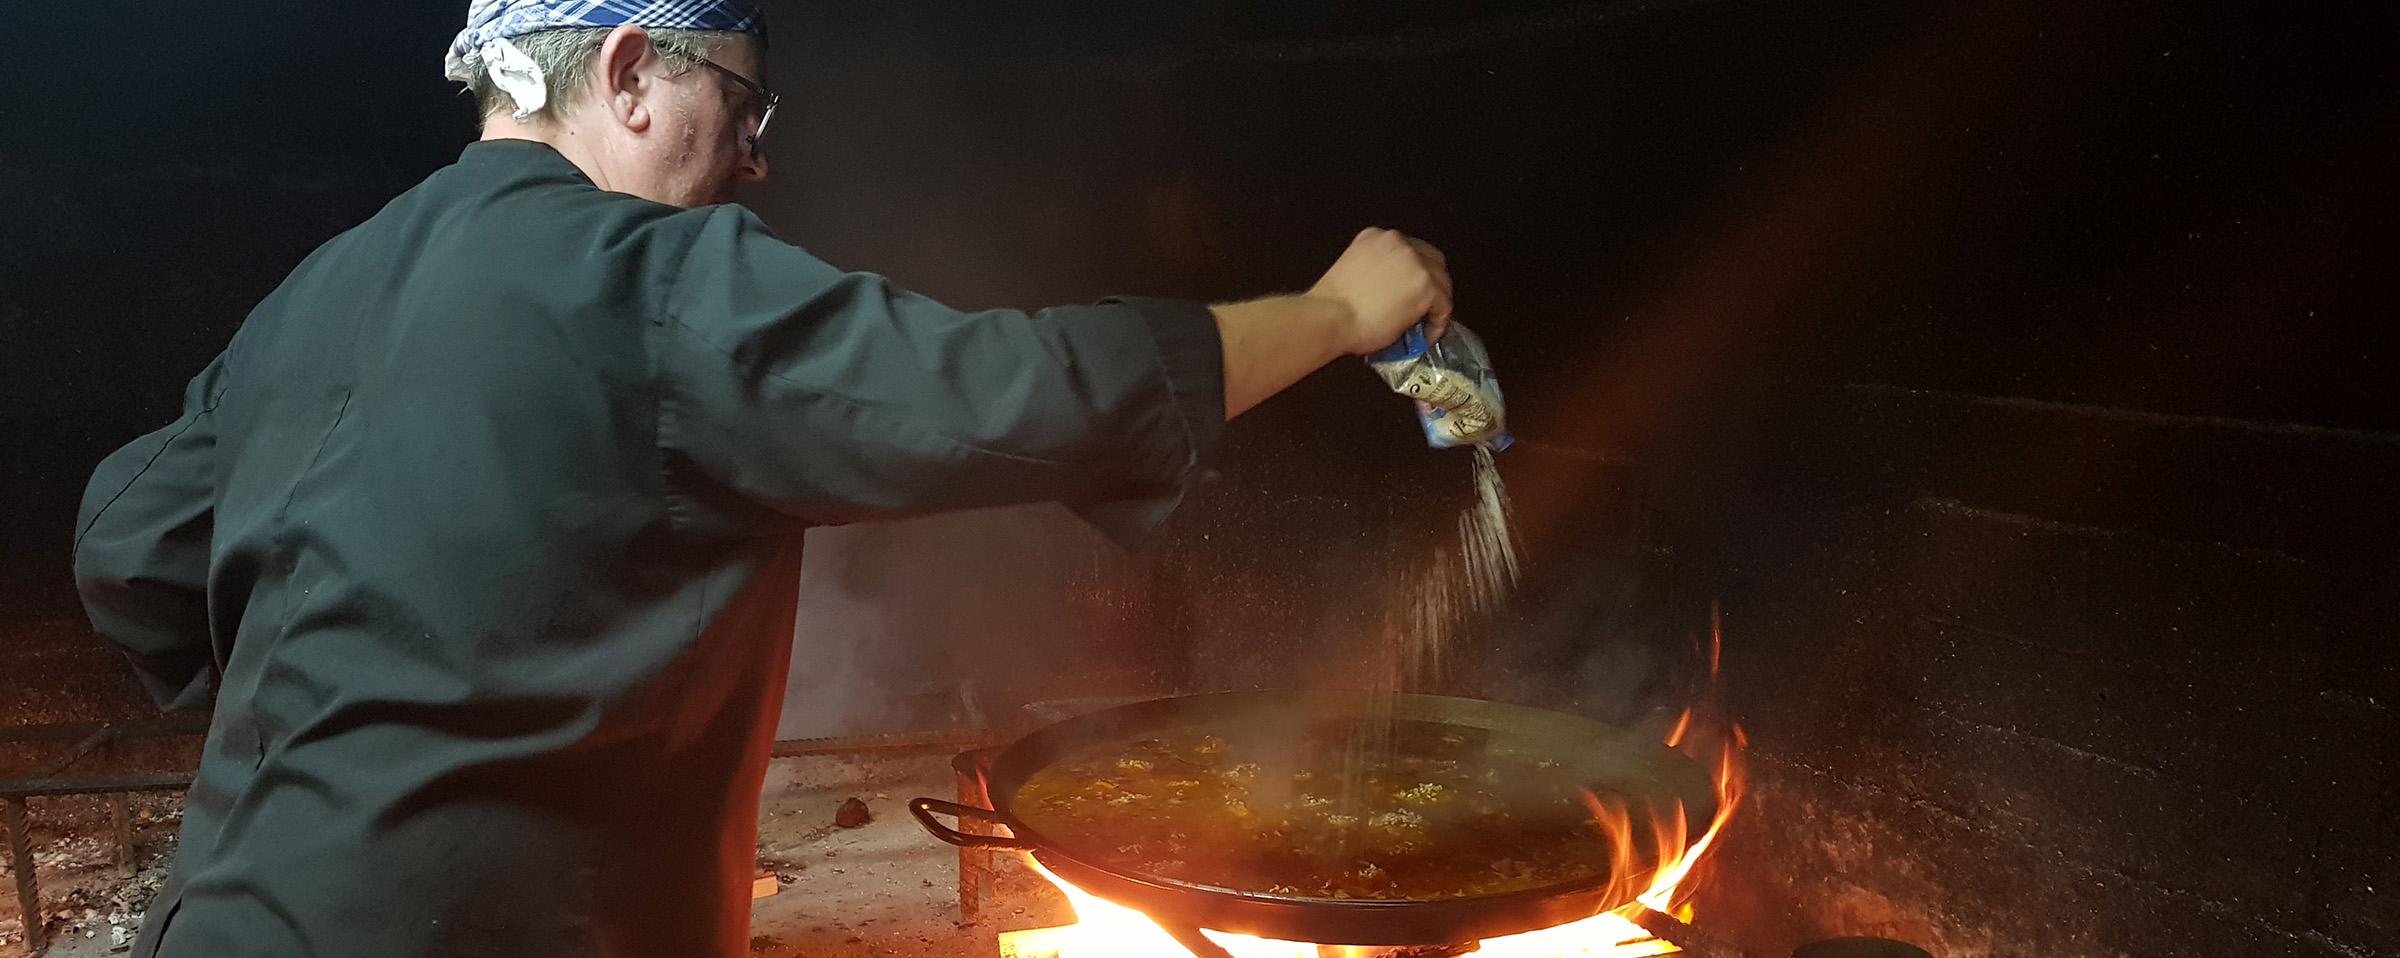 Pasqual Martorell, cocinando una paella